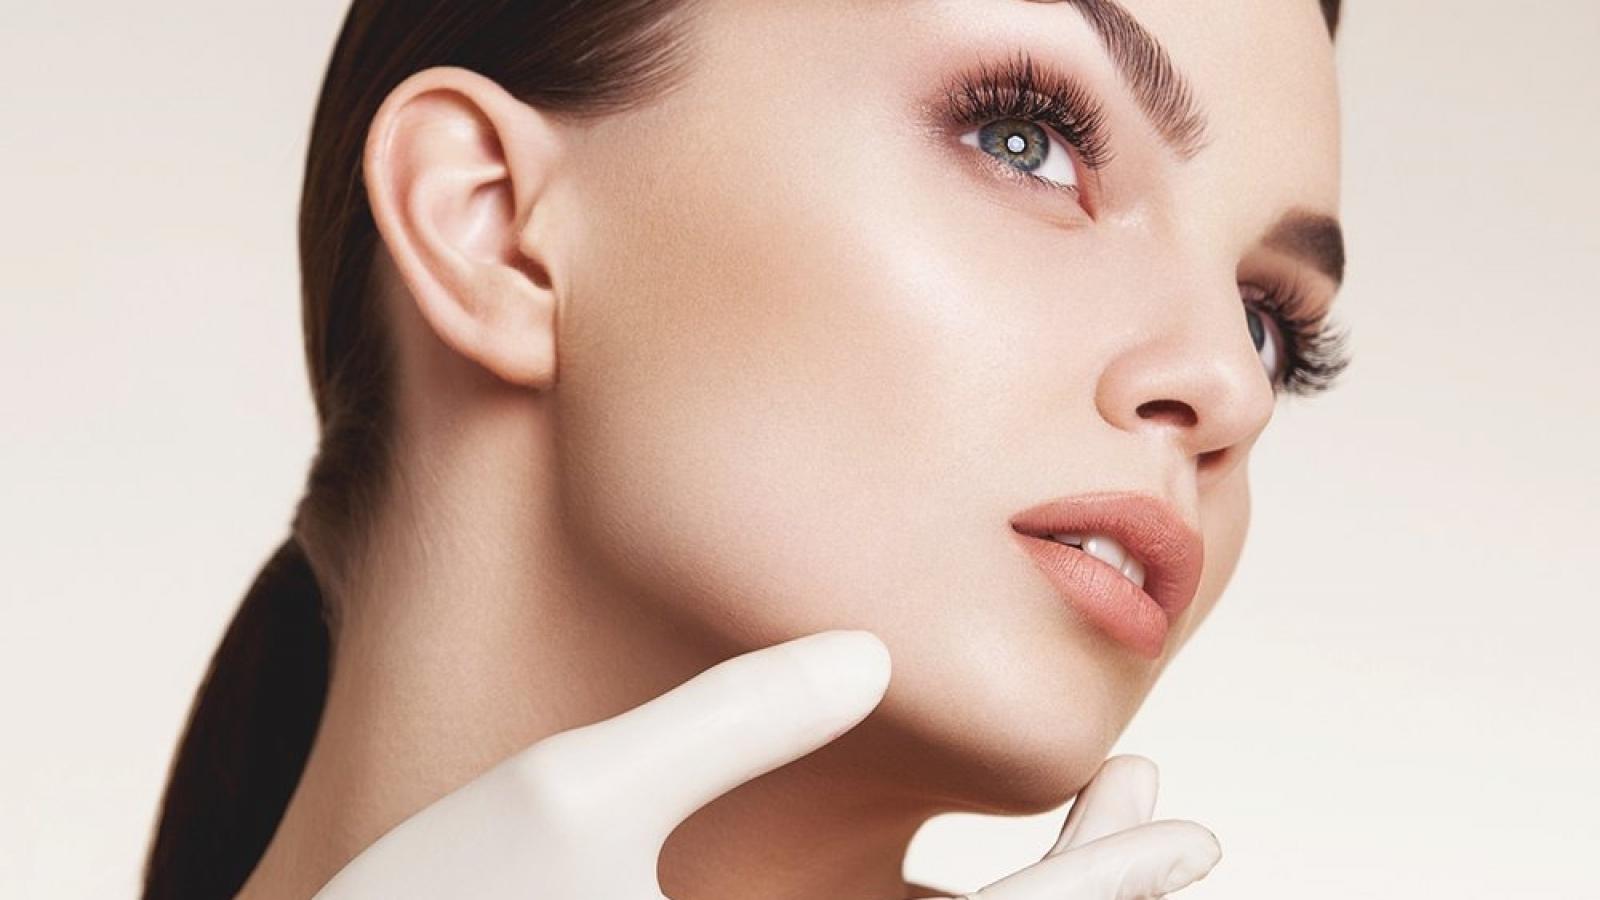 CLINICA DE CIRURGIA PLASTICA EM SANTOS DRA ANA LUCIA LEMOS AB Face Anatomia da Beleza da Face - Nova técnica de preenchimento facial.